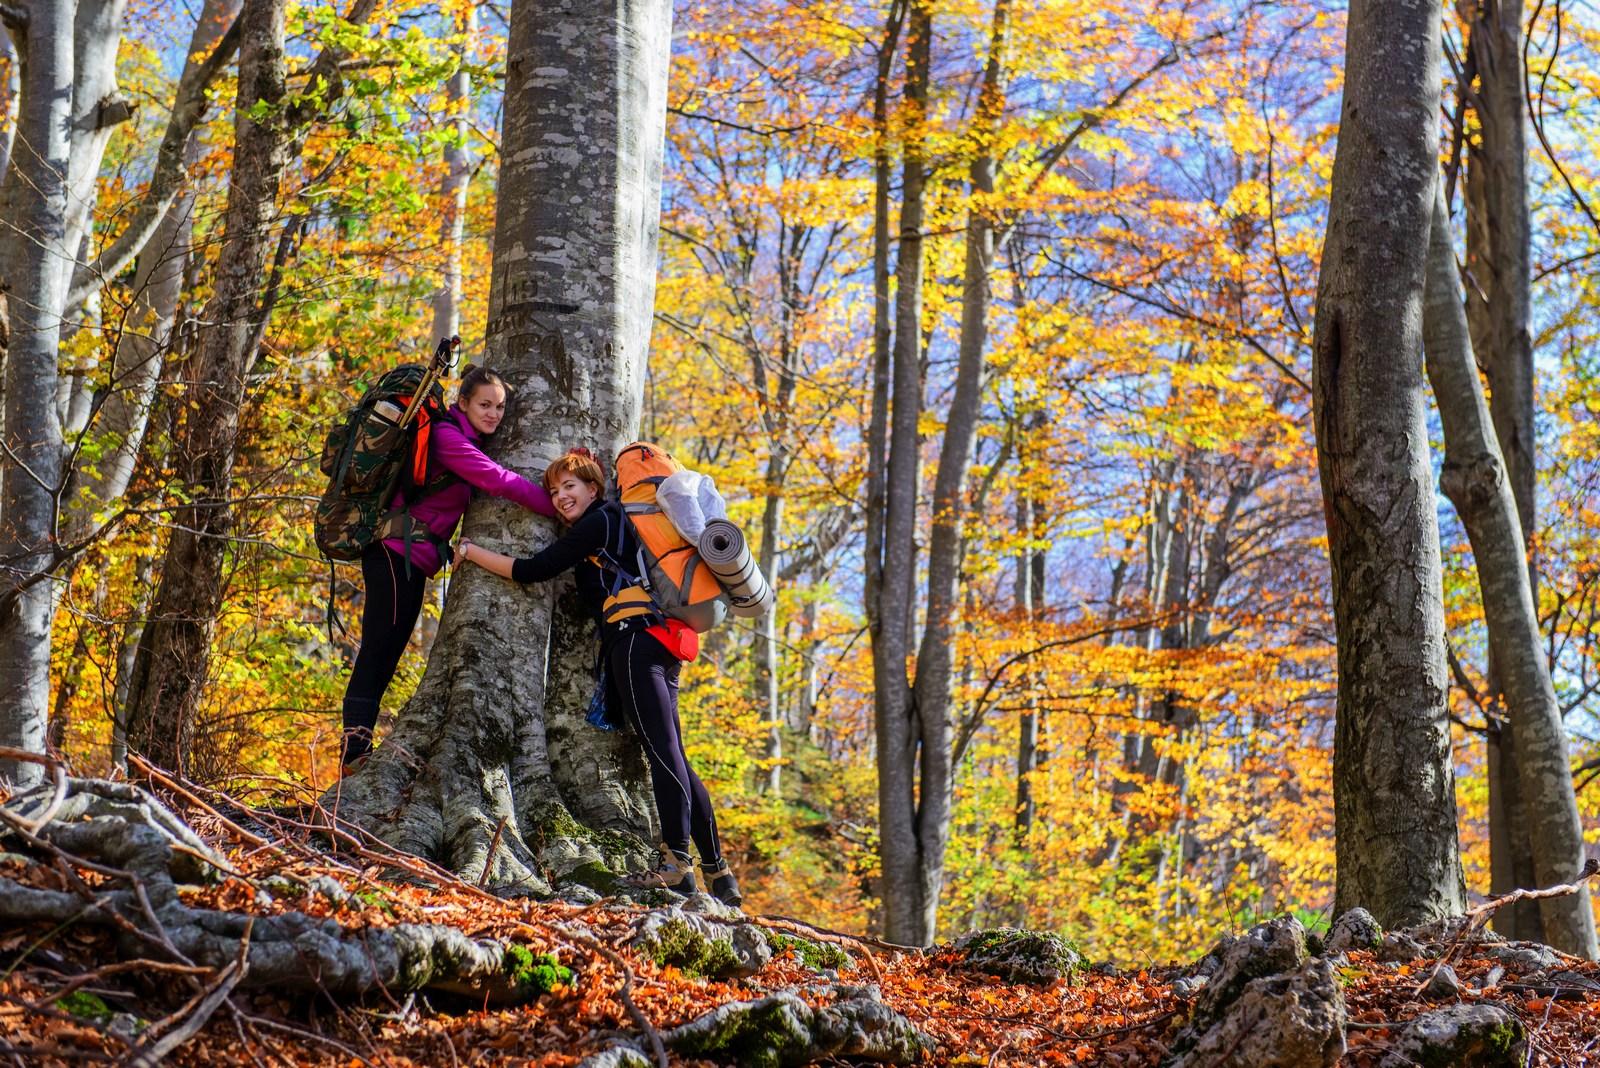 Velebit je največje hrvaško gorovje in kot naravni park z dva tisoč kvadratnimi kilometri največje zaščiteno območje na Hrvaškem. Velebit je zaščiten tudi kot Svetovni rezervat biosfere Unesca. Foto: HTZ in Aleksandar Gospić.